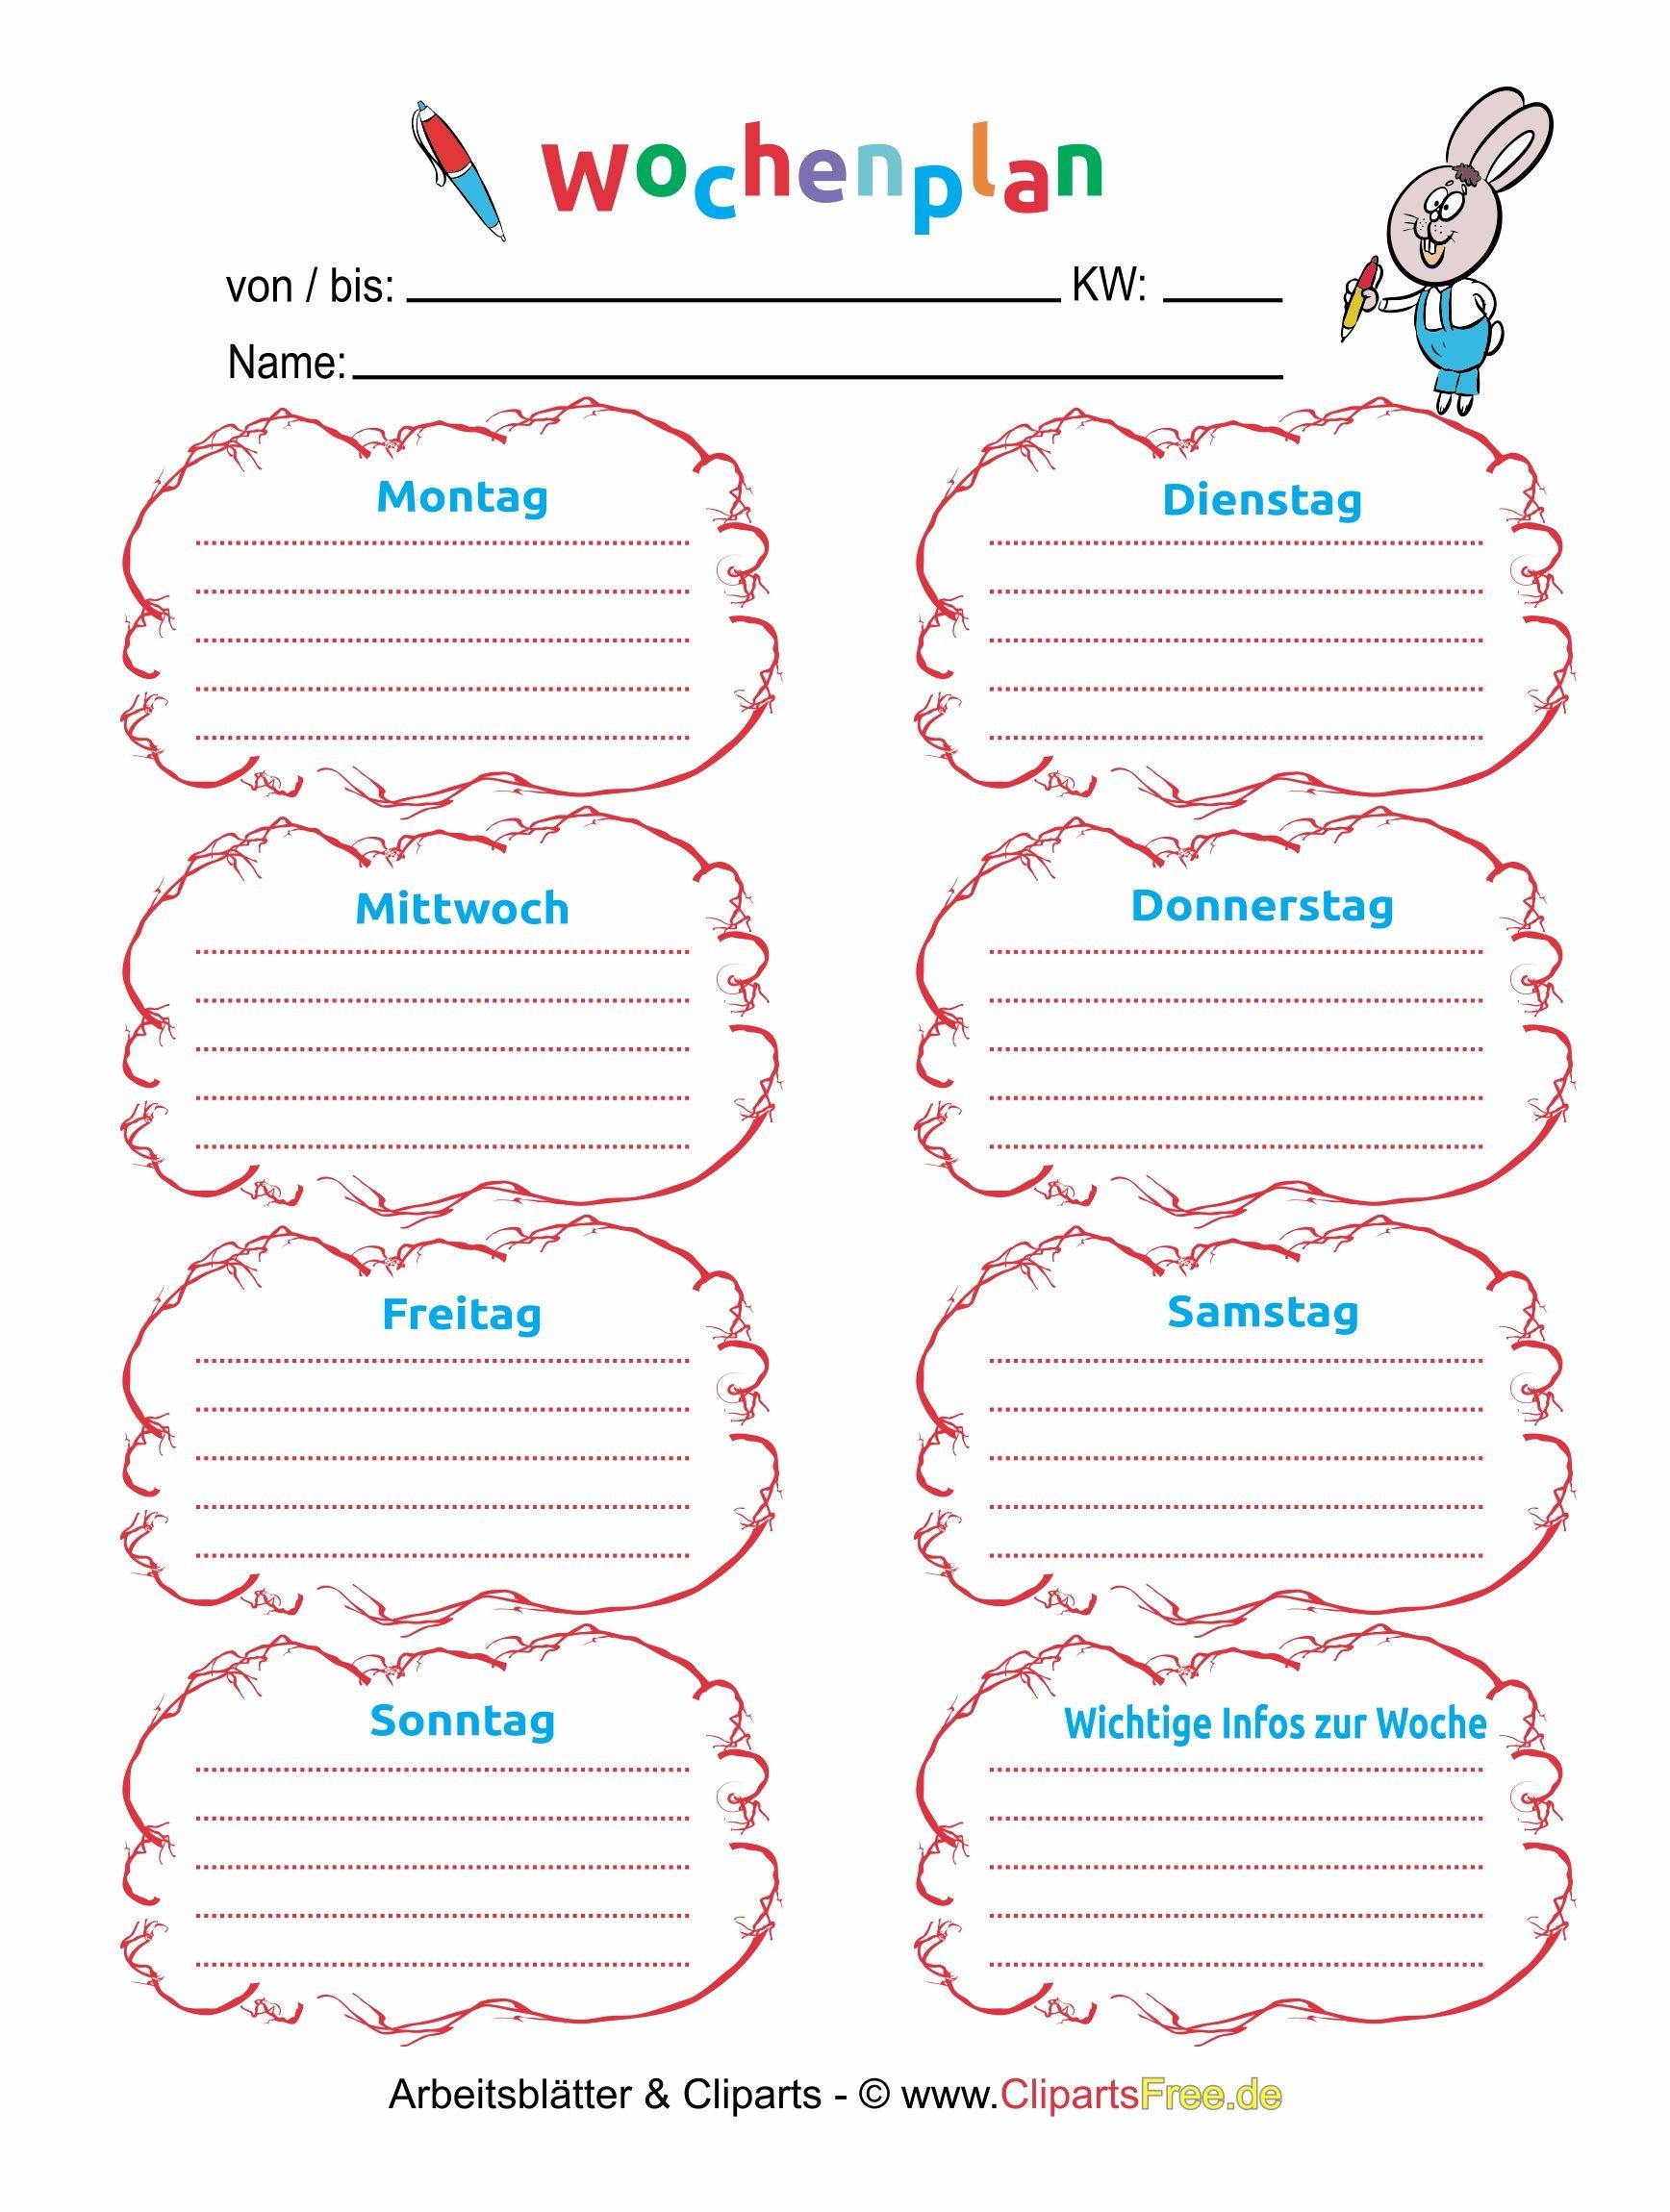 20 Danksagung Arbeitsblätter Für Den Kindergarten | Bathroom | Pinterest